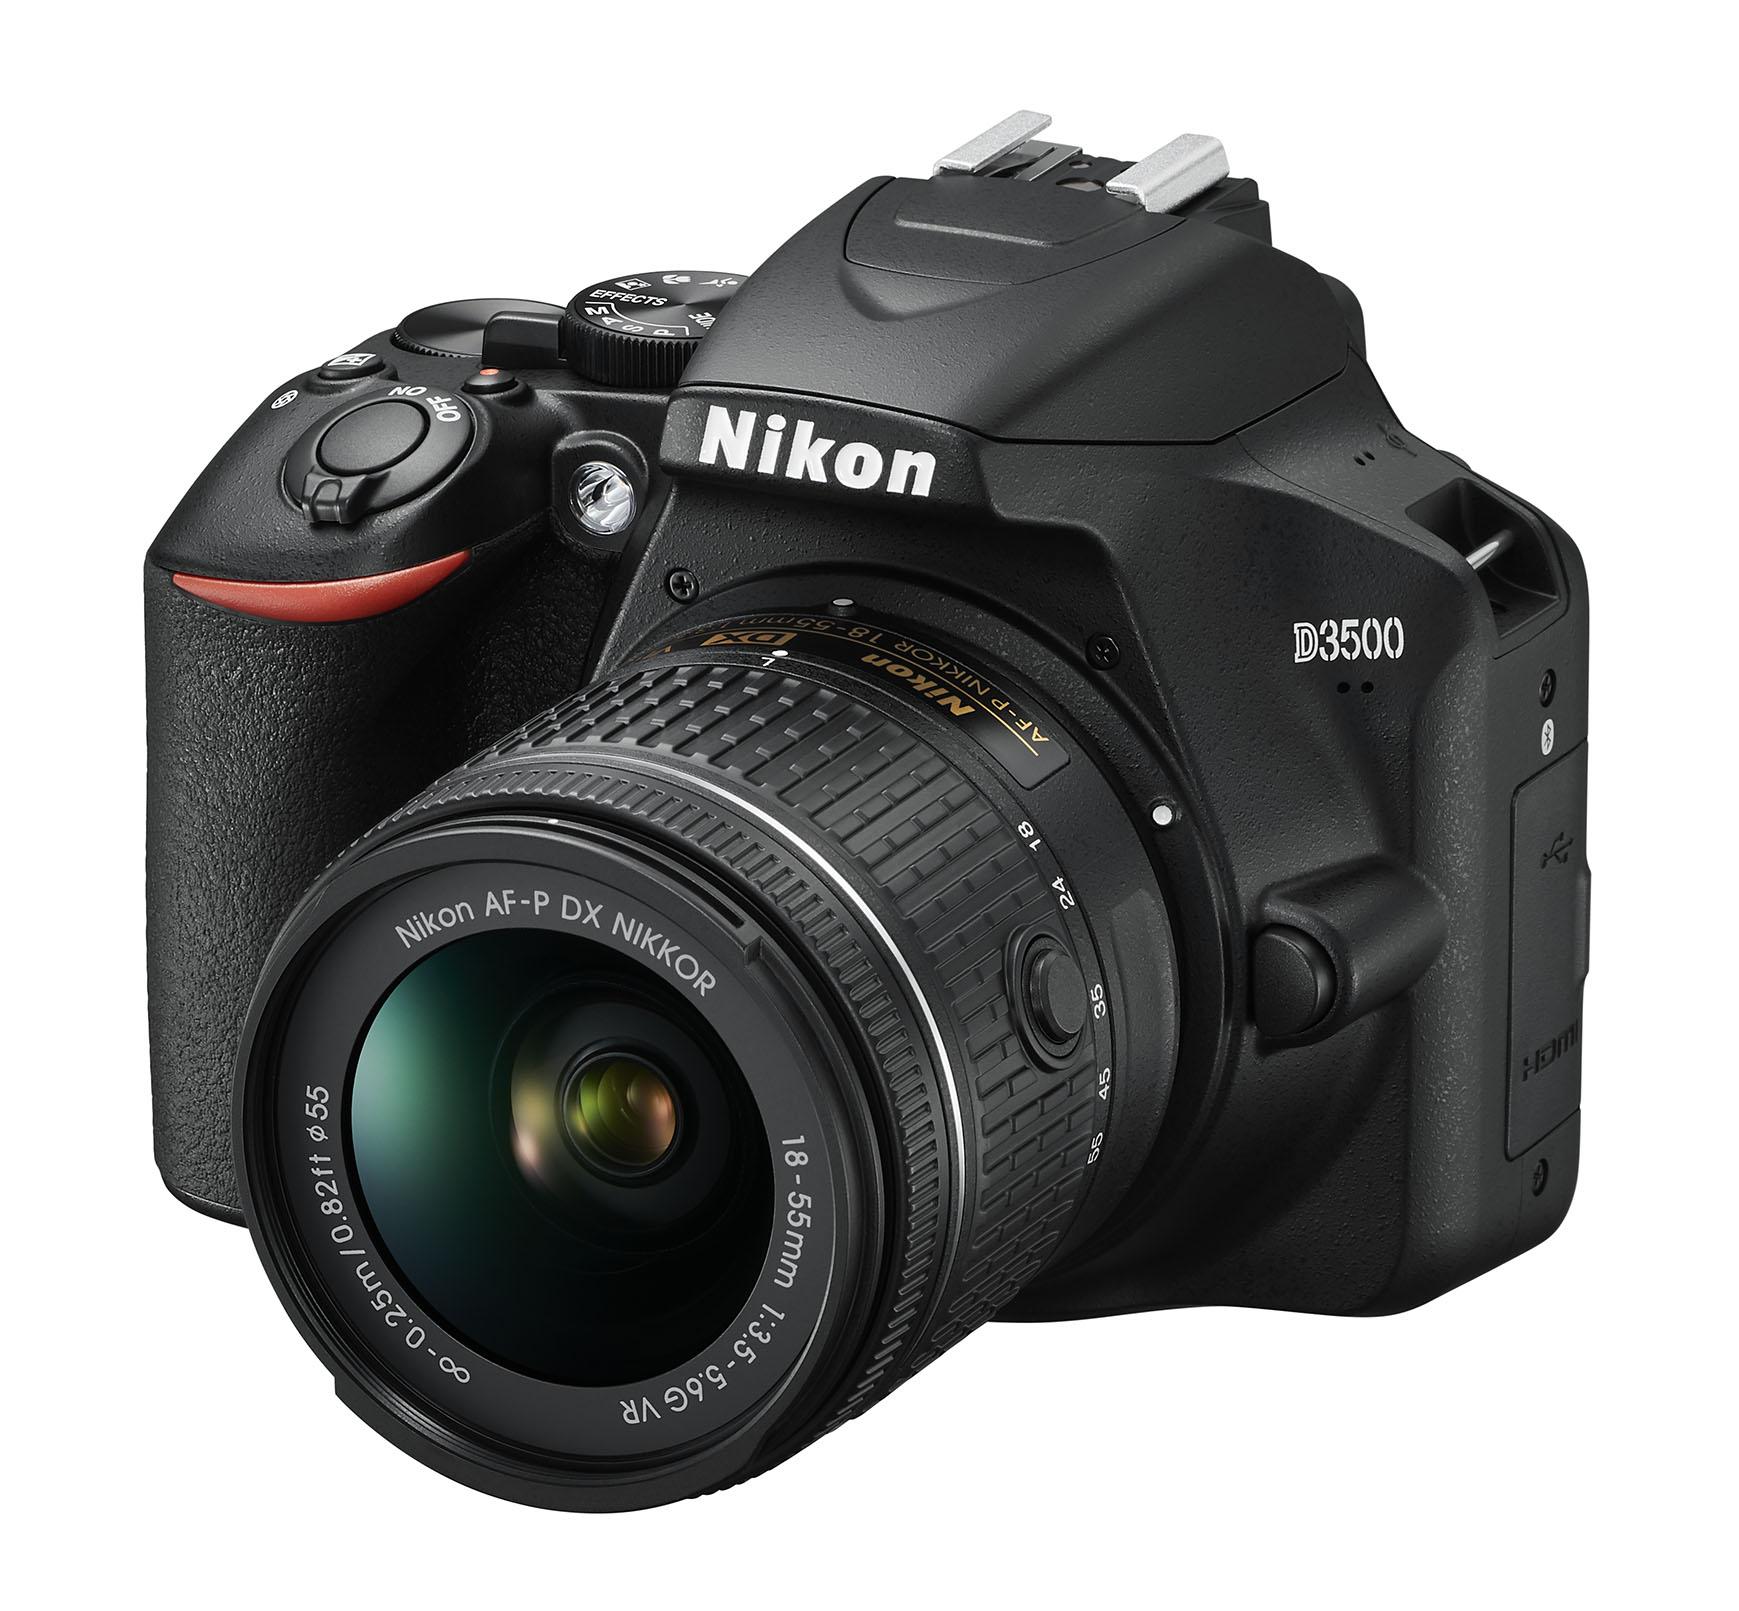 Nikon D3500, caratteristiche e prezzi della nuova reflex entry level thumbnail